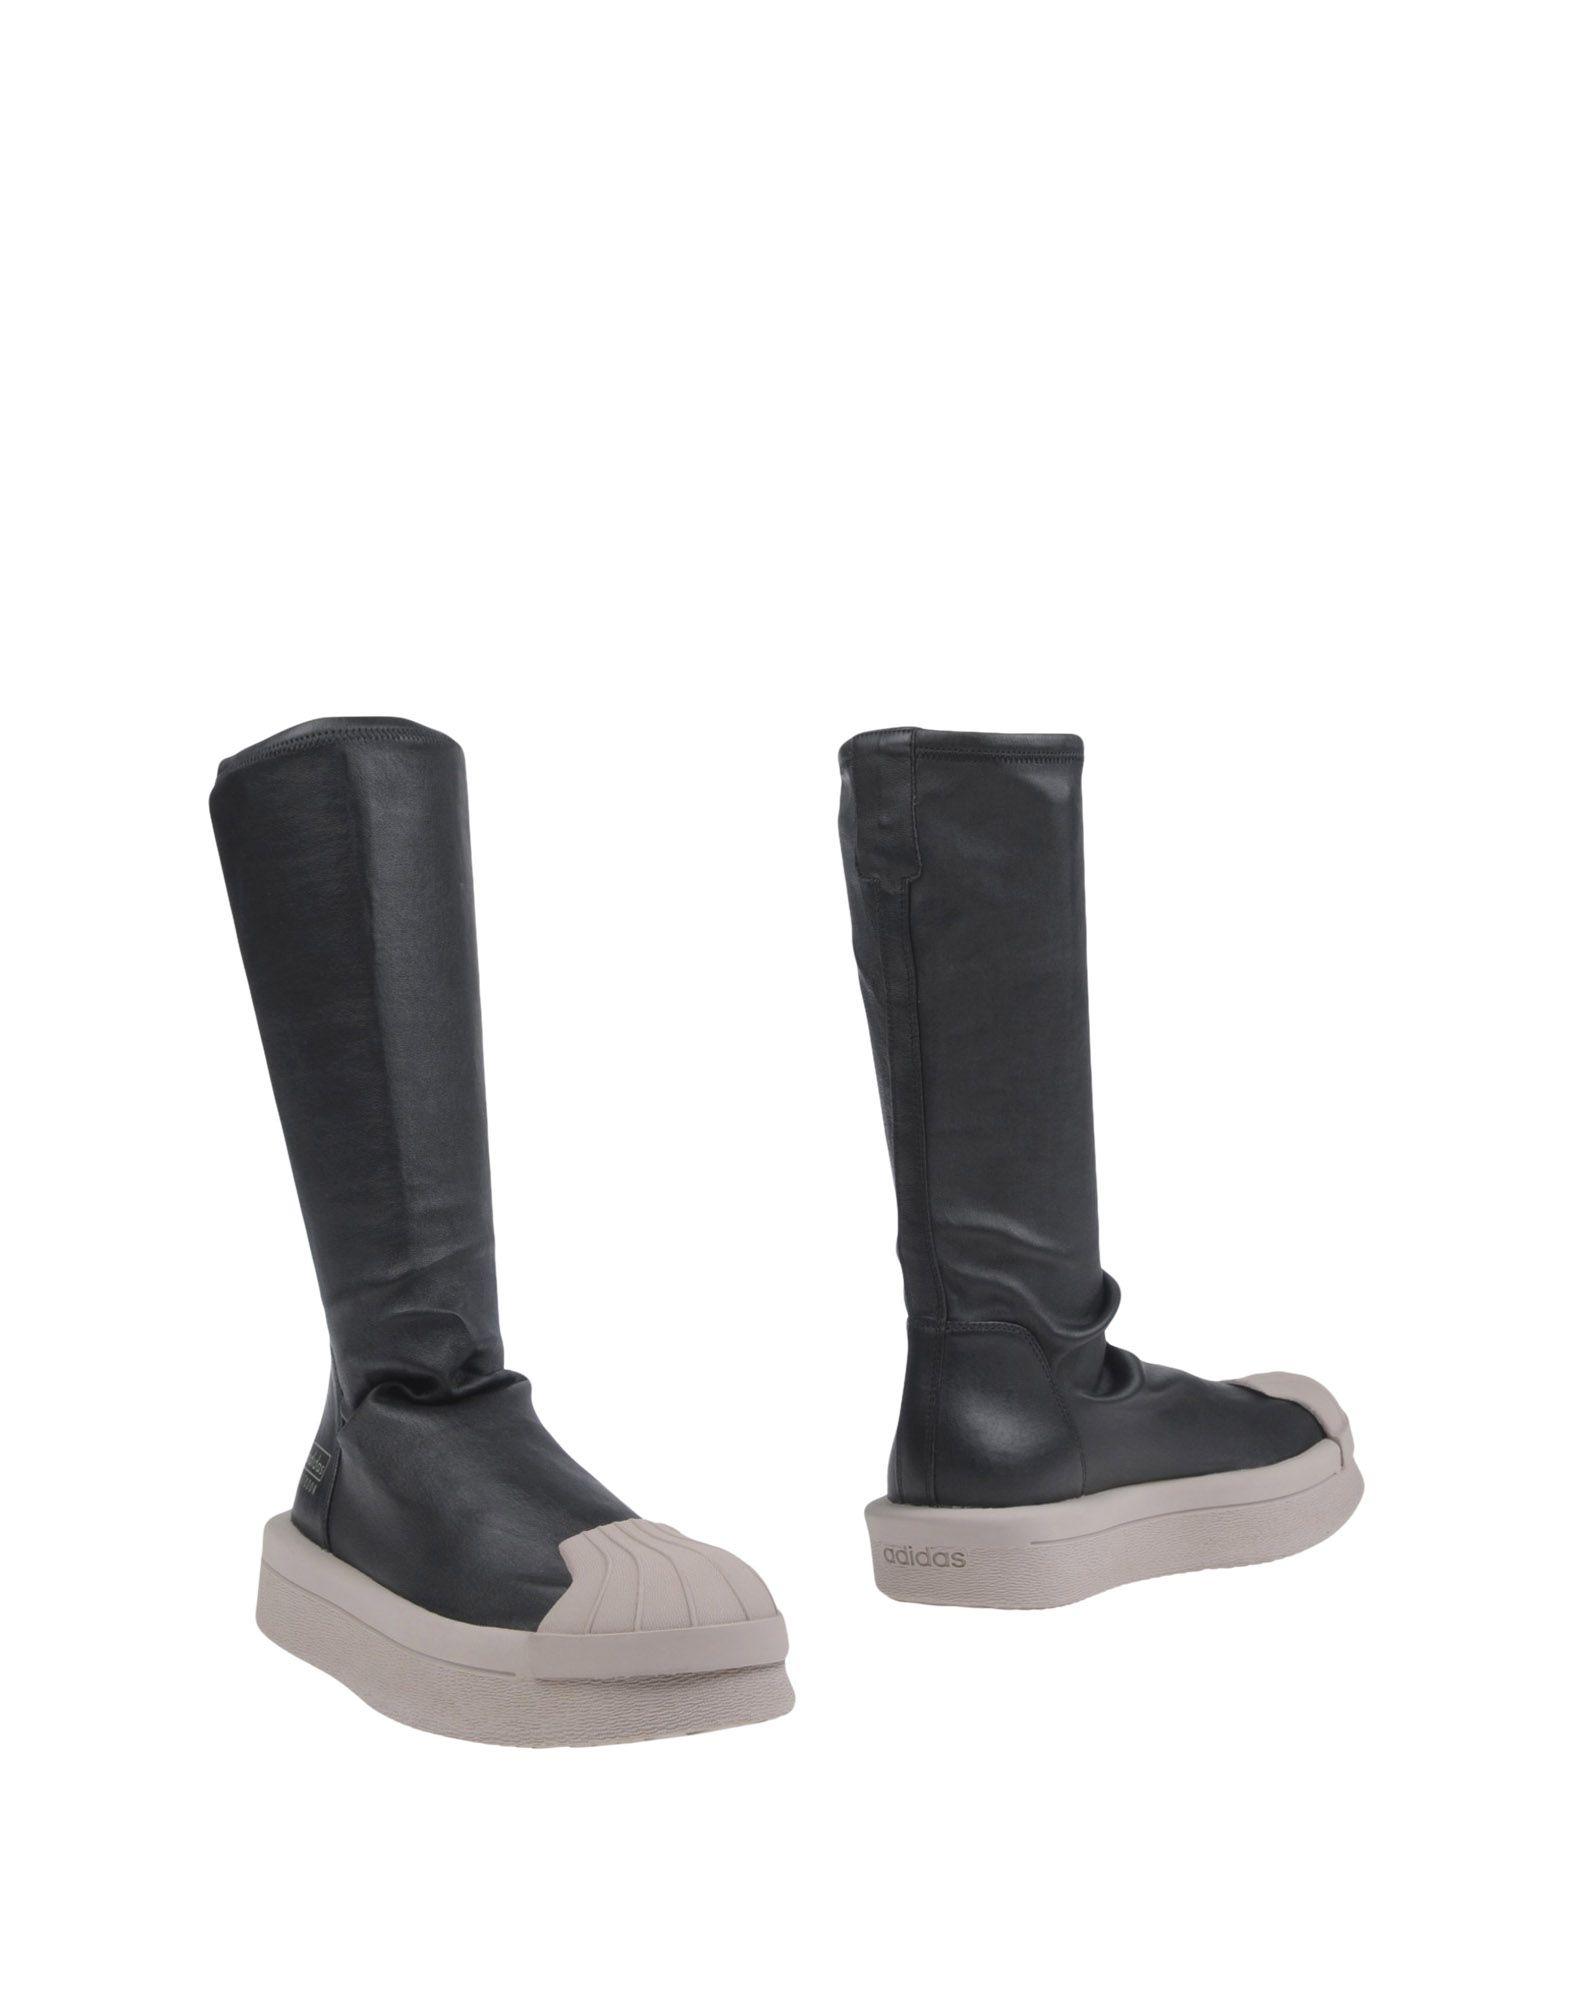 Rick Owens X Adidas Stiefel Damen  11272672JBGünstige gut aussehende Schuhe